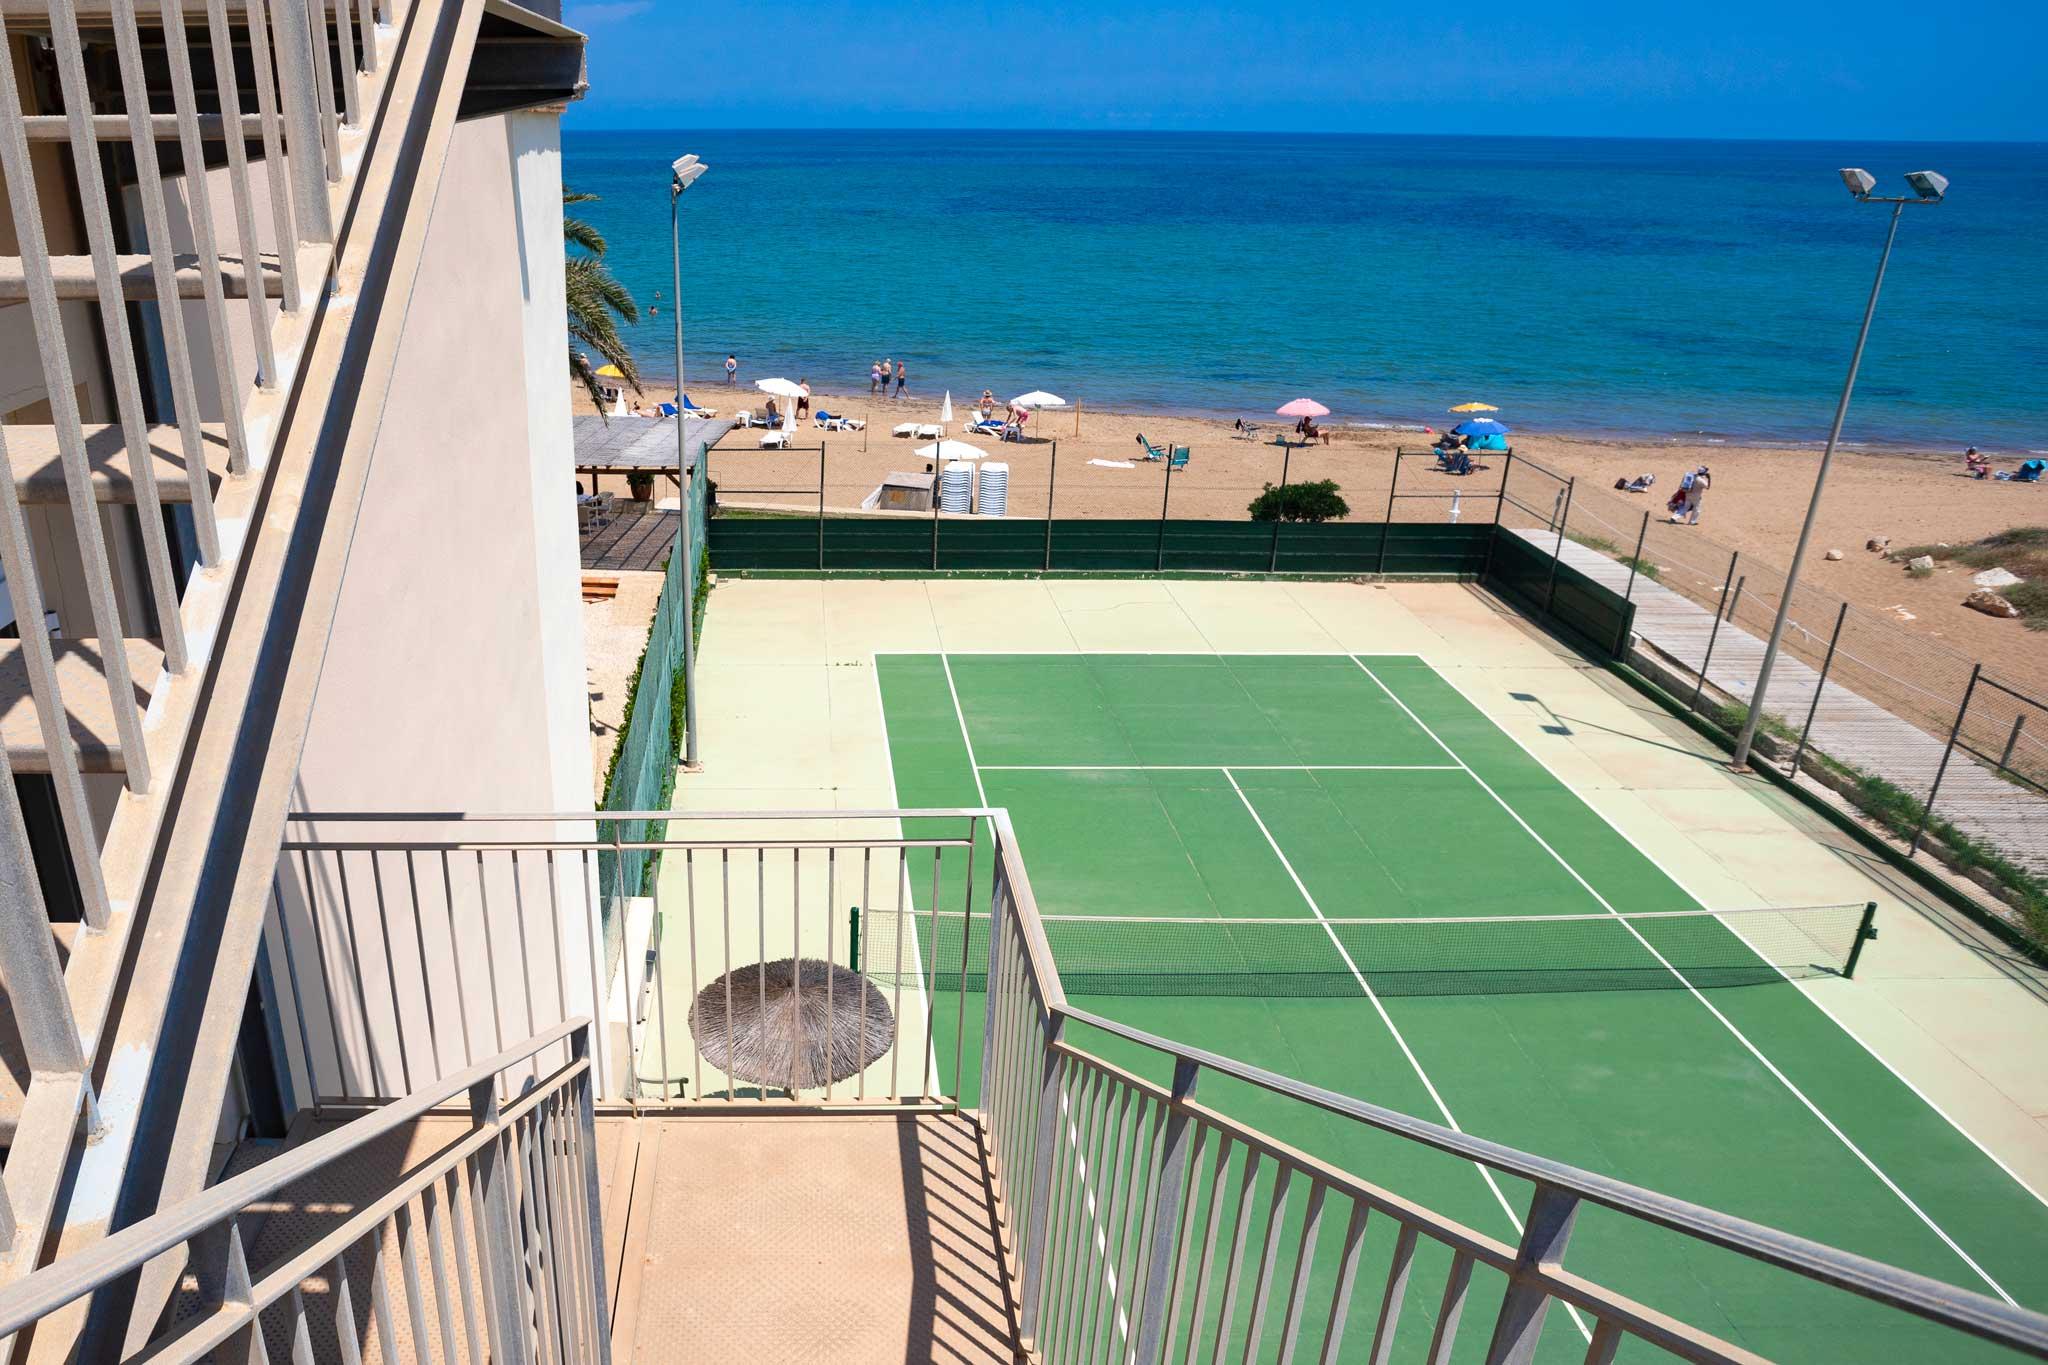 Pista de tenis en Denia – Hotel Los Angeles